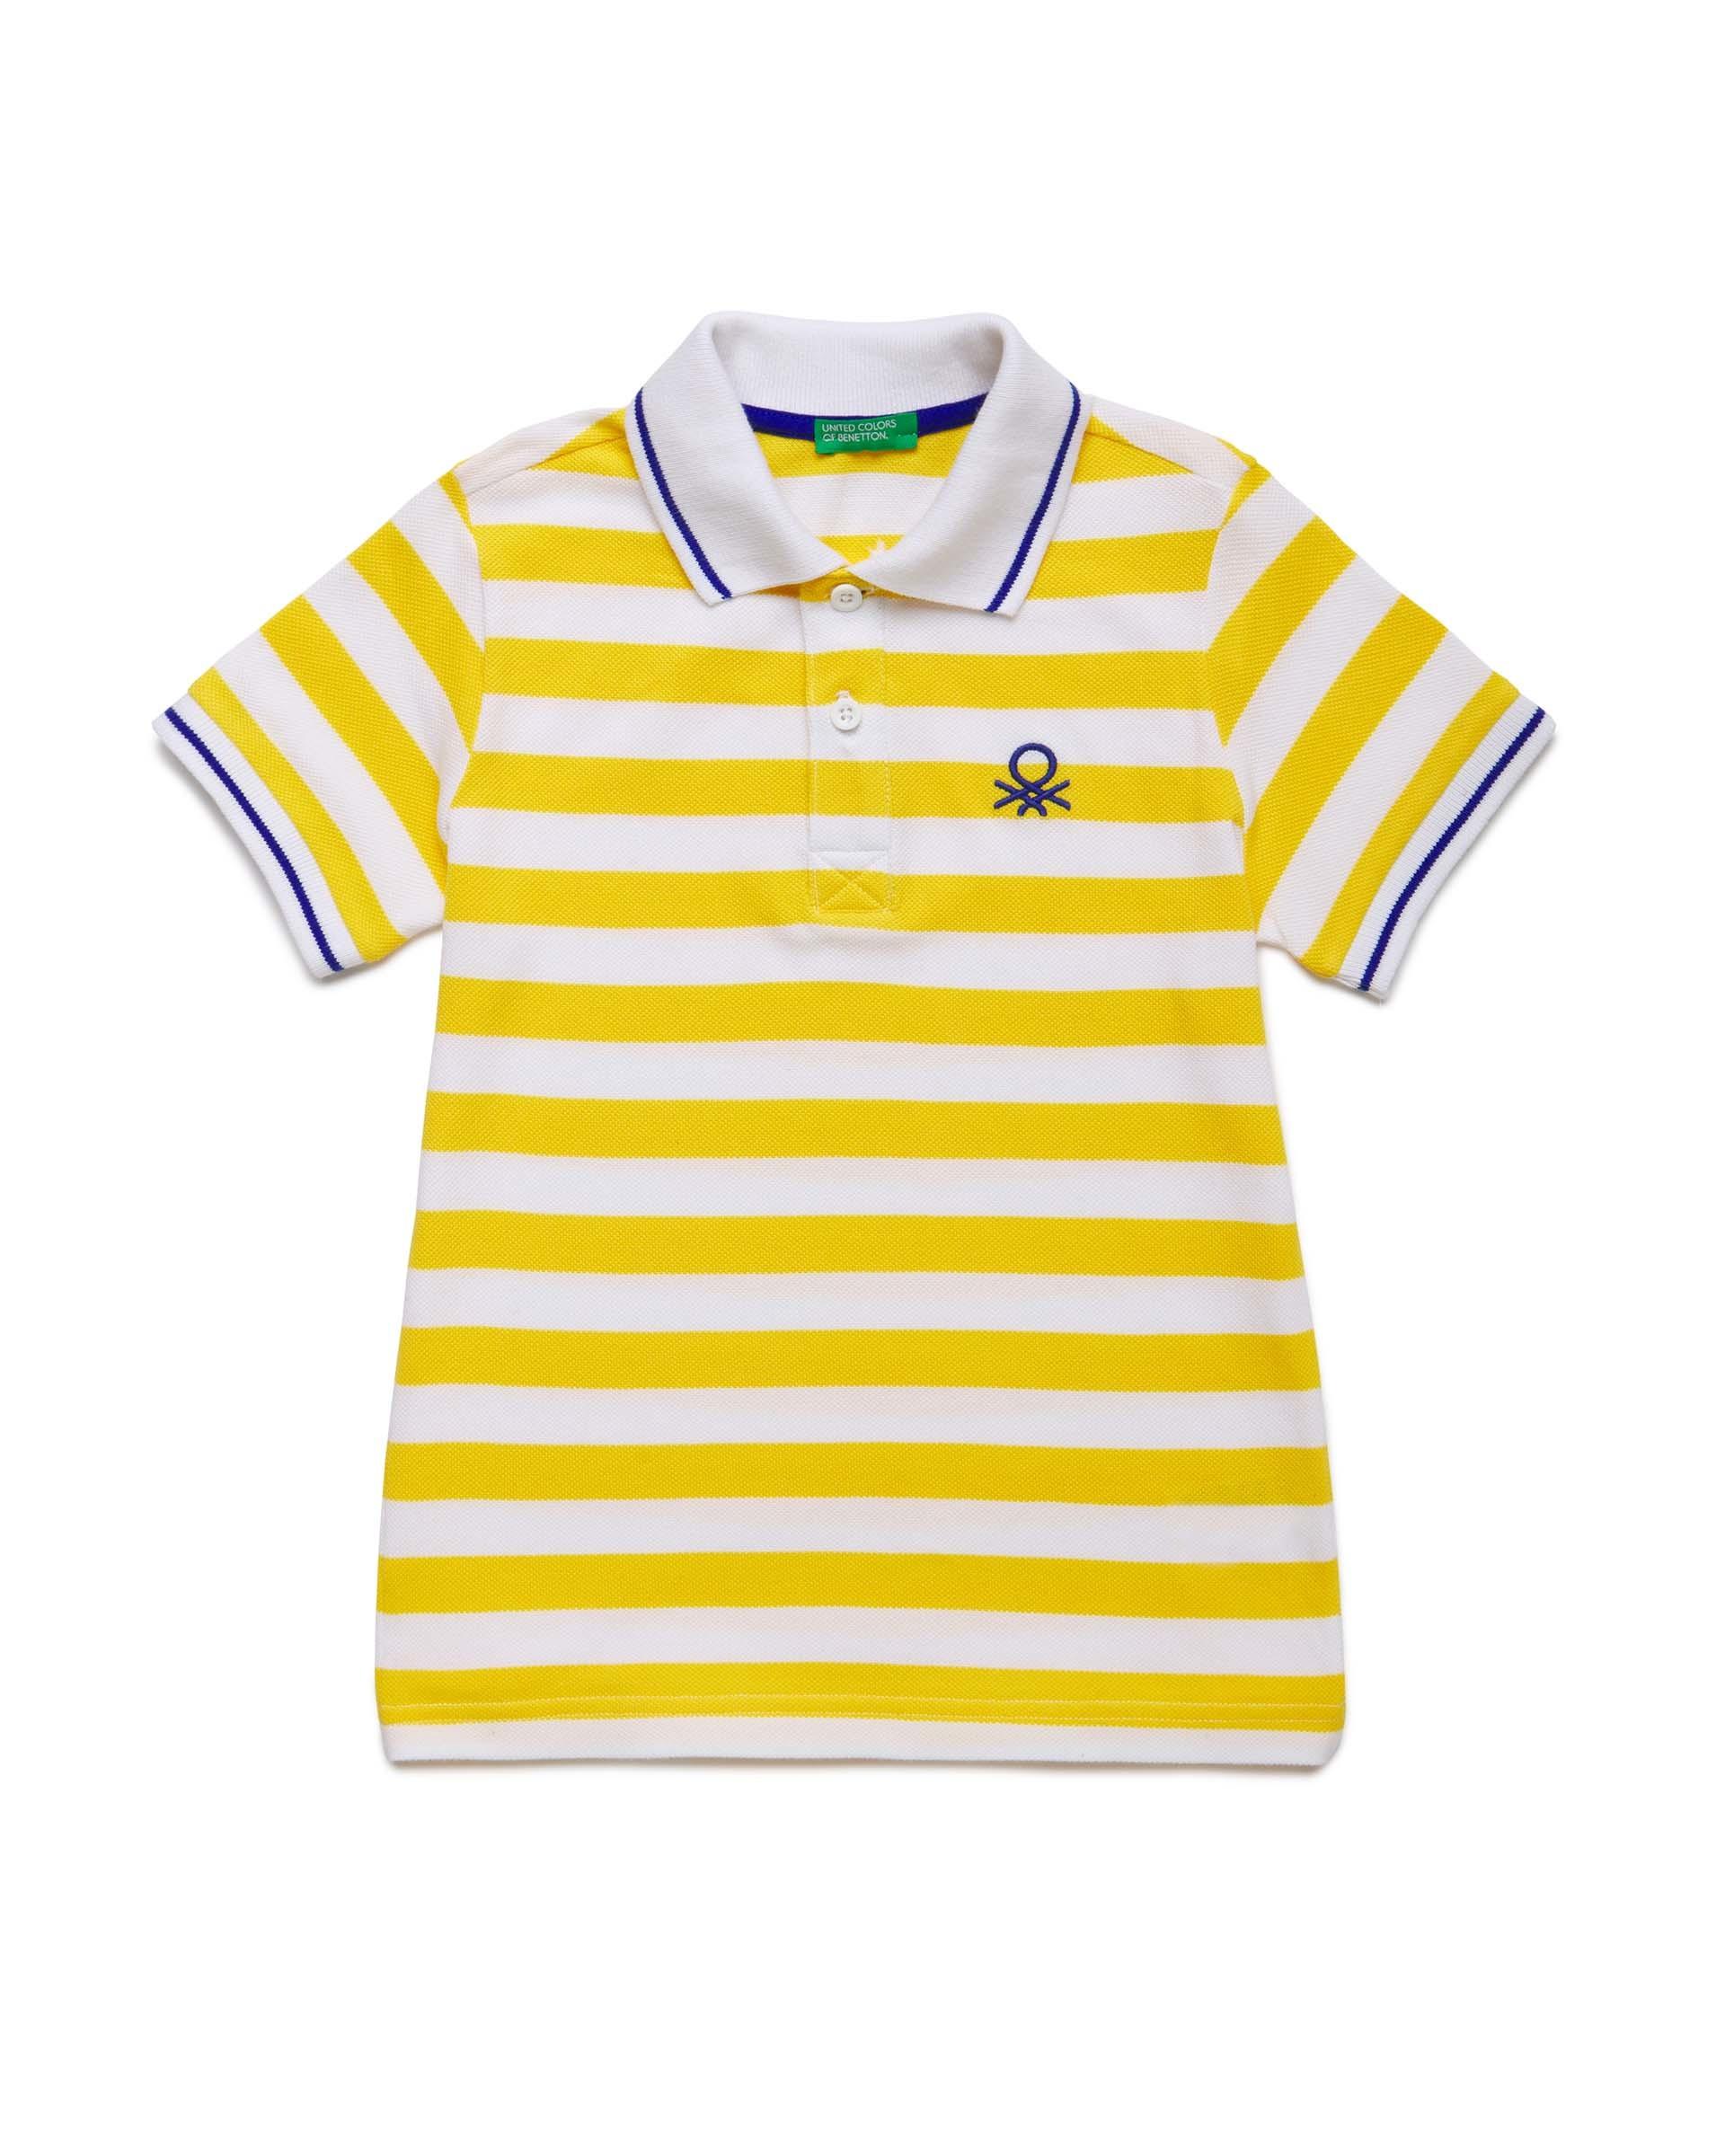 Купить 20P_3NQ7C3124_902, Поло-пике для мальчиков Benetton 3NQ7C3124_902 р-р 128, United Colors of Benetton, Футболки для мальчиков